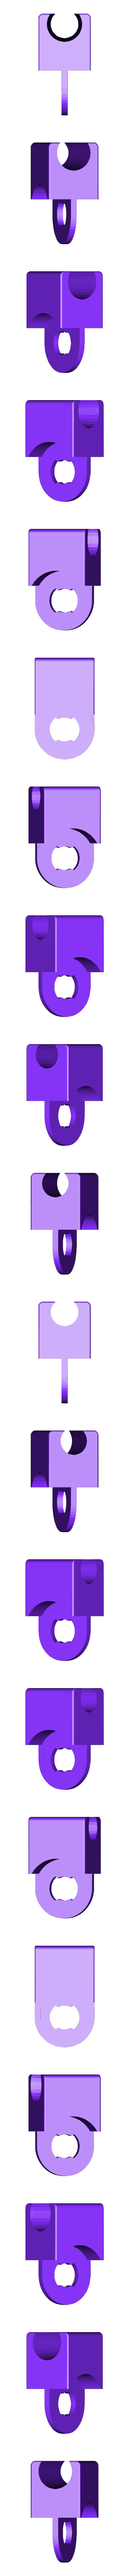 Shower.stl Télécharger fichier STL gratuit Poignée de douche • Objet à imprimer en 3D, e1195007